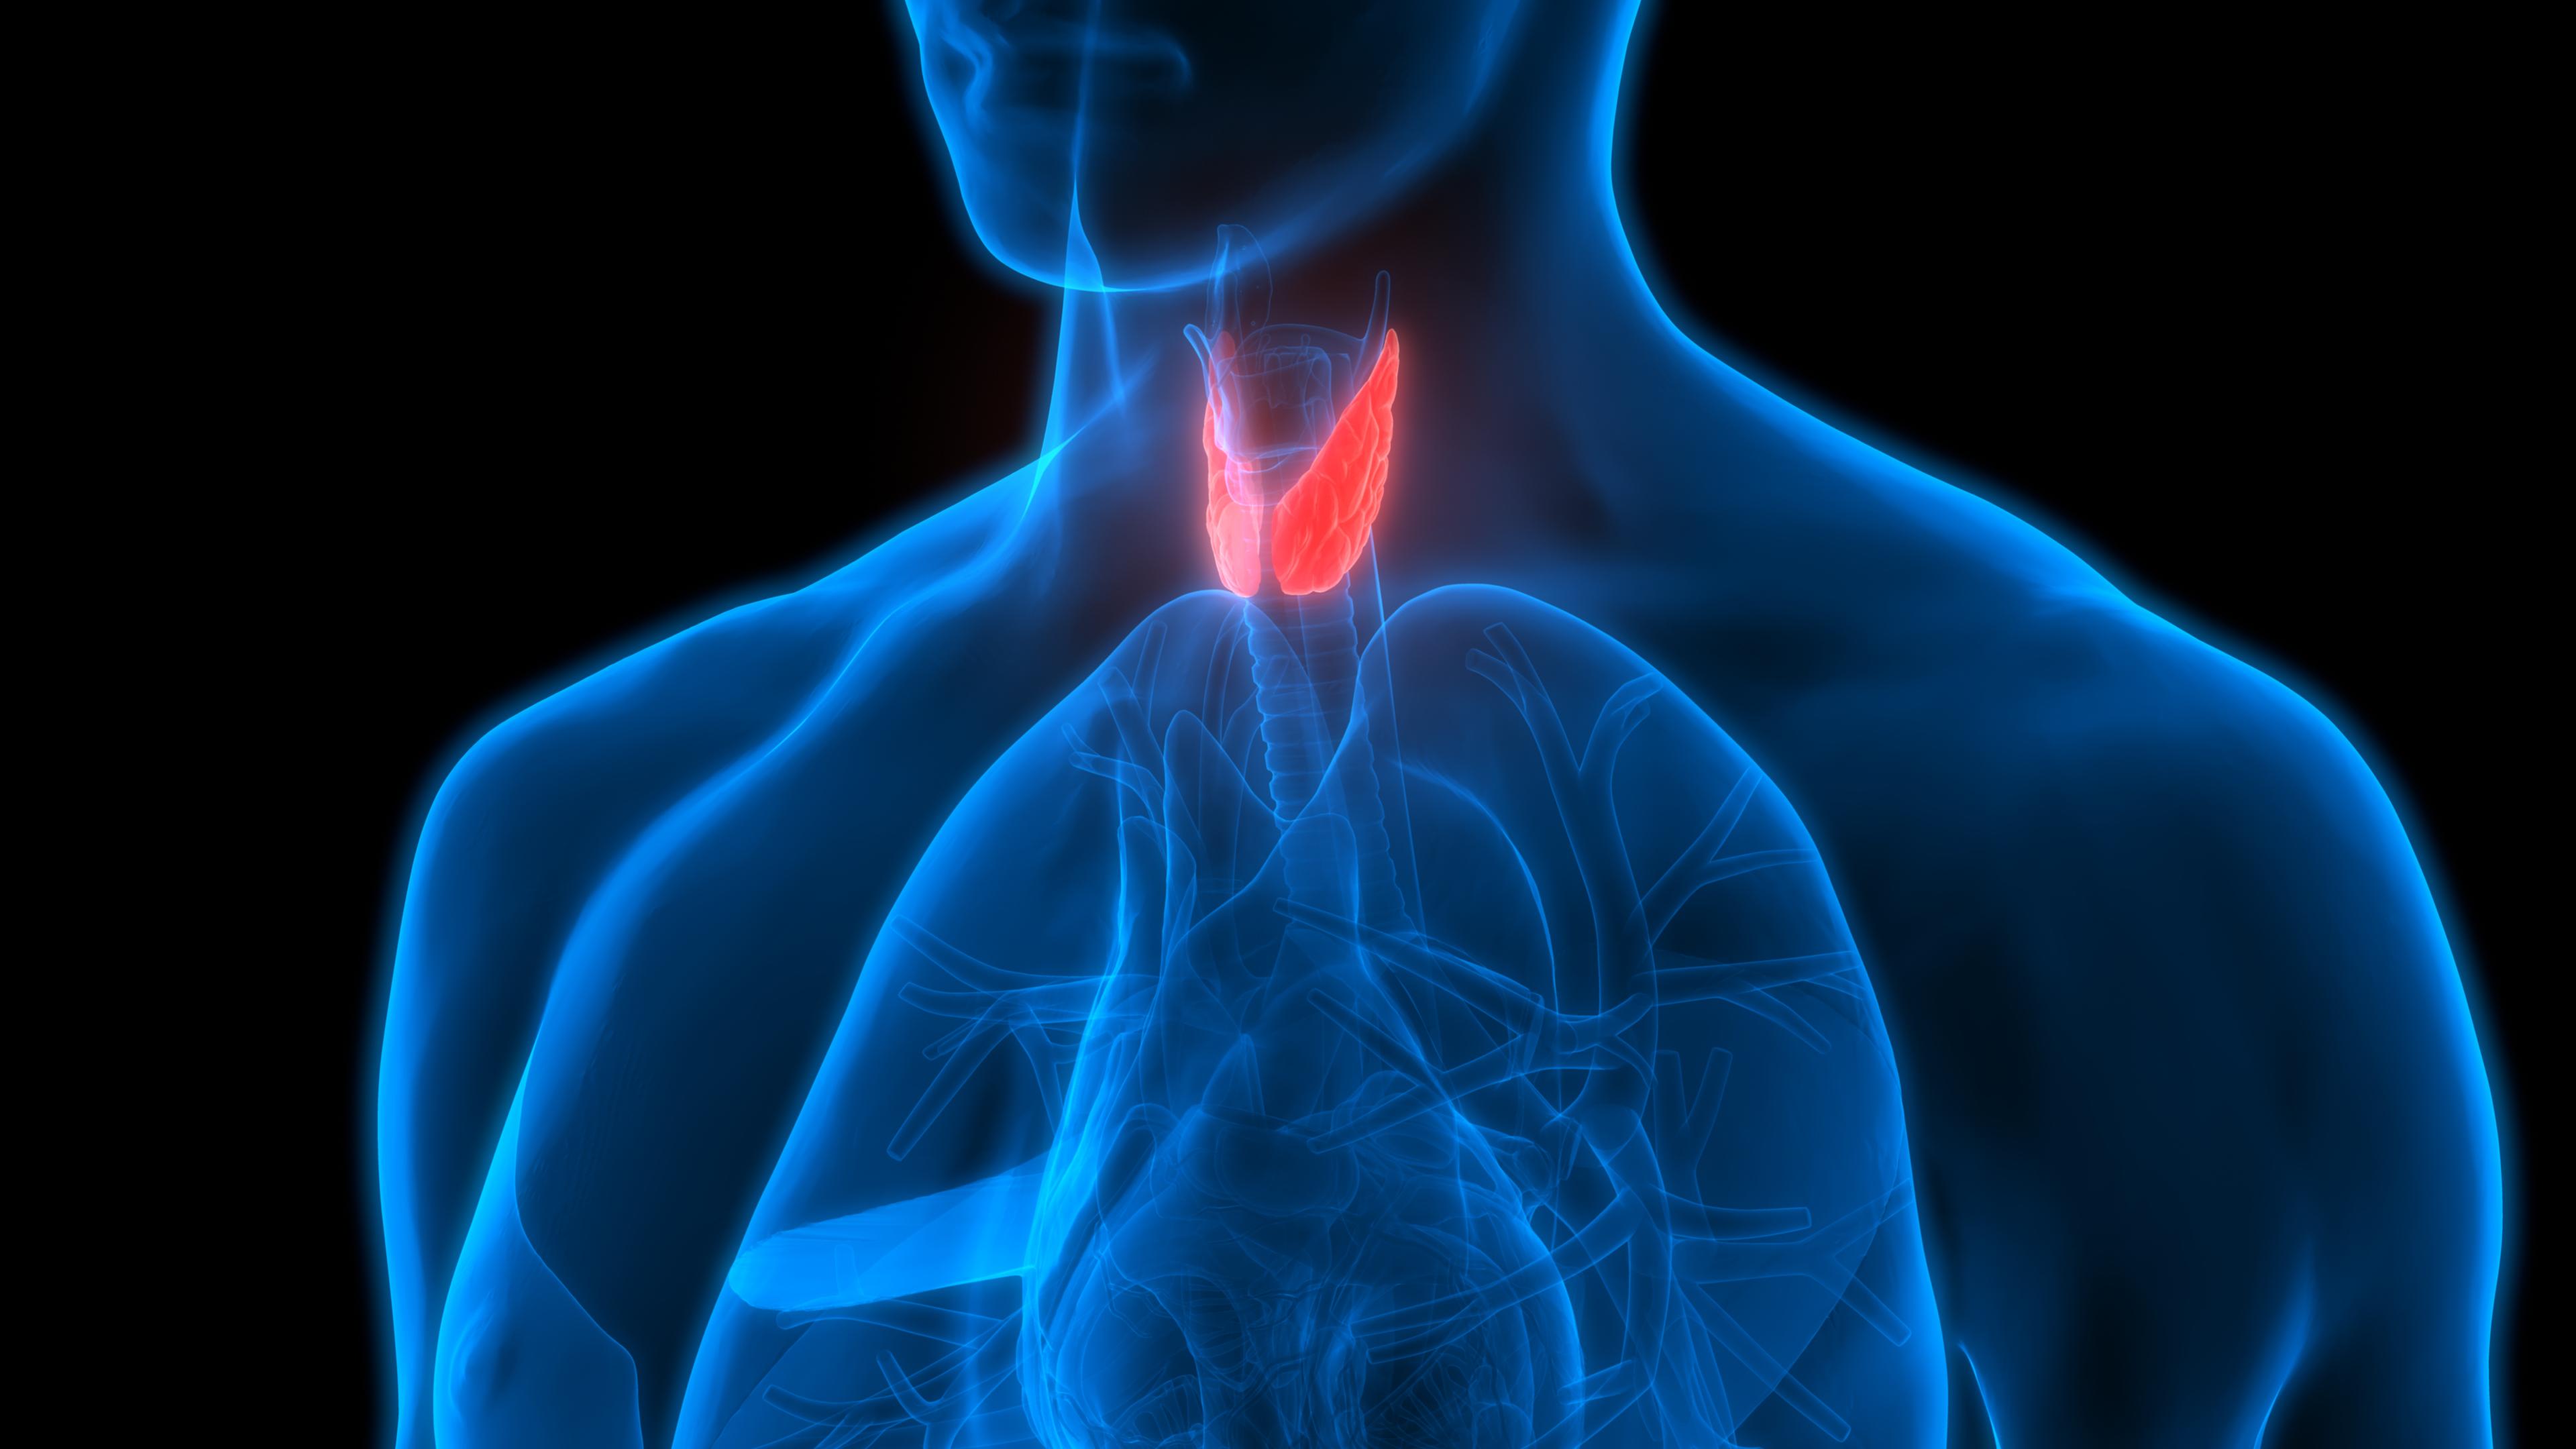 10 фактів про щитовидній залозі, які всім необхідно знати